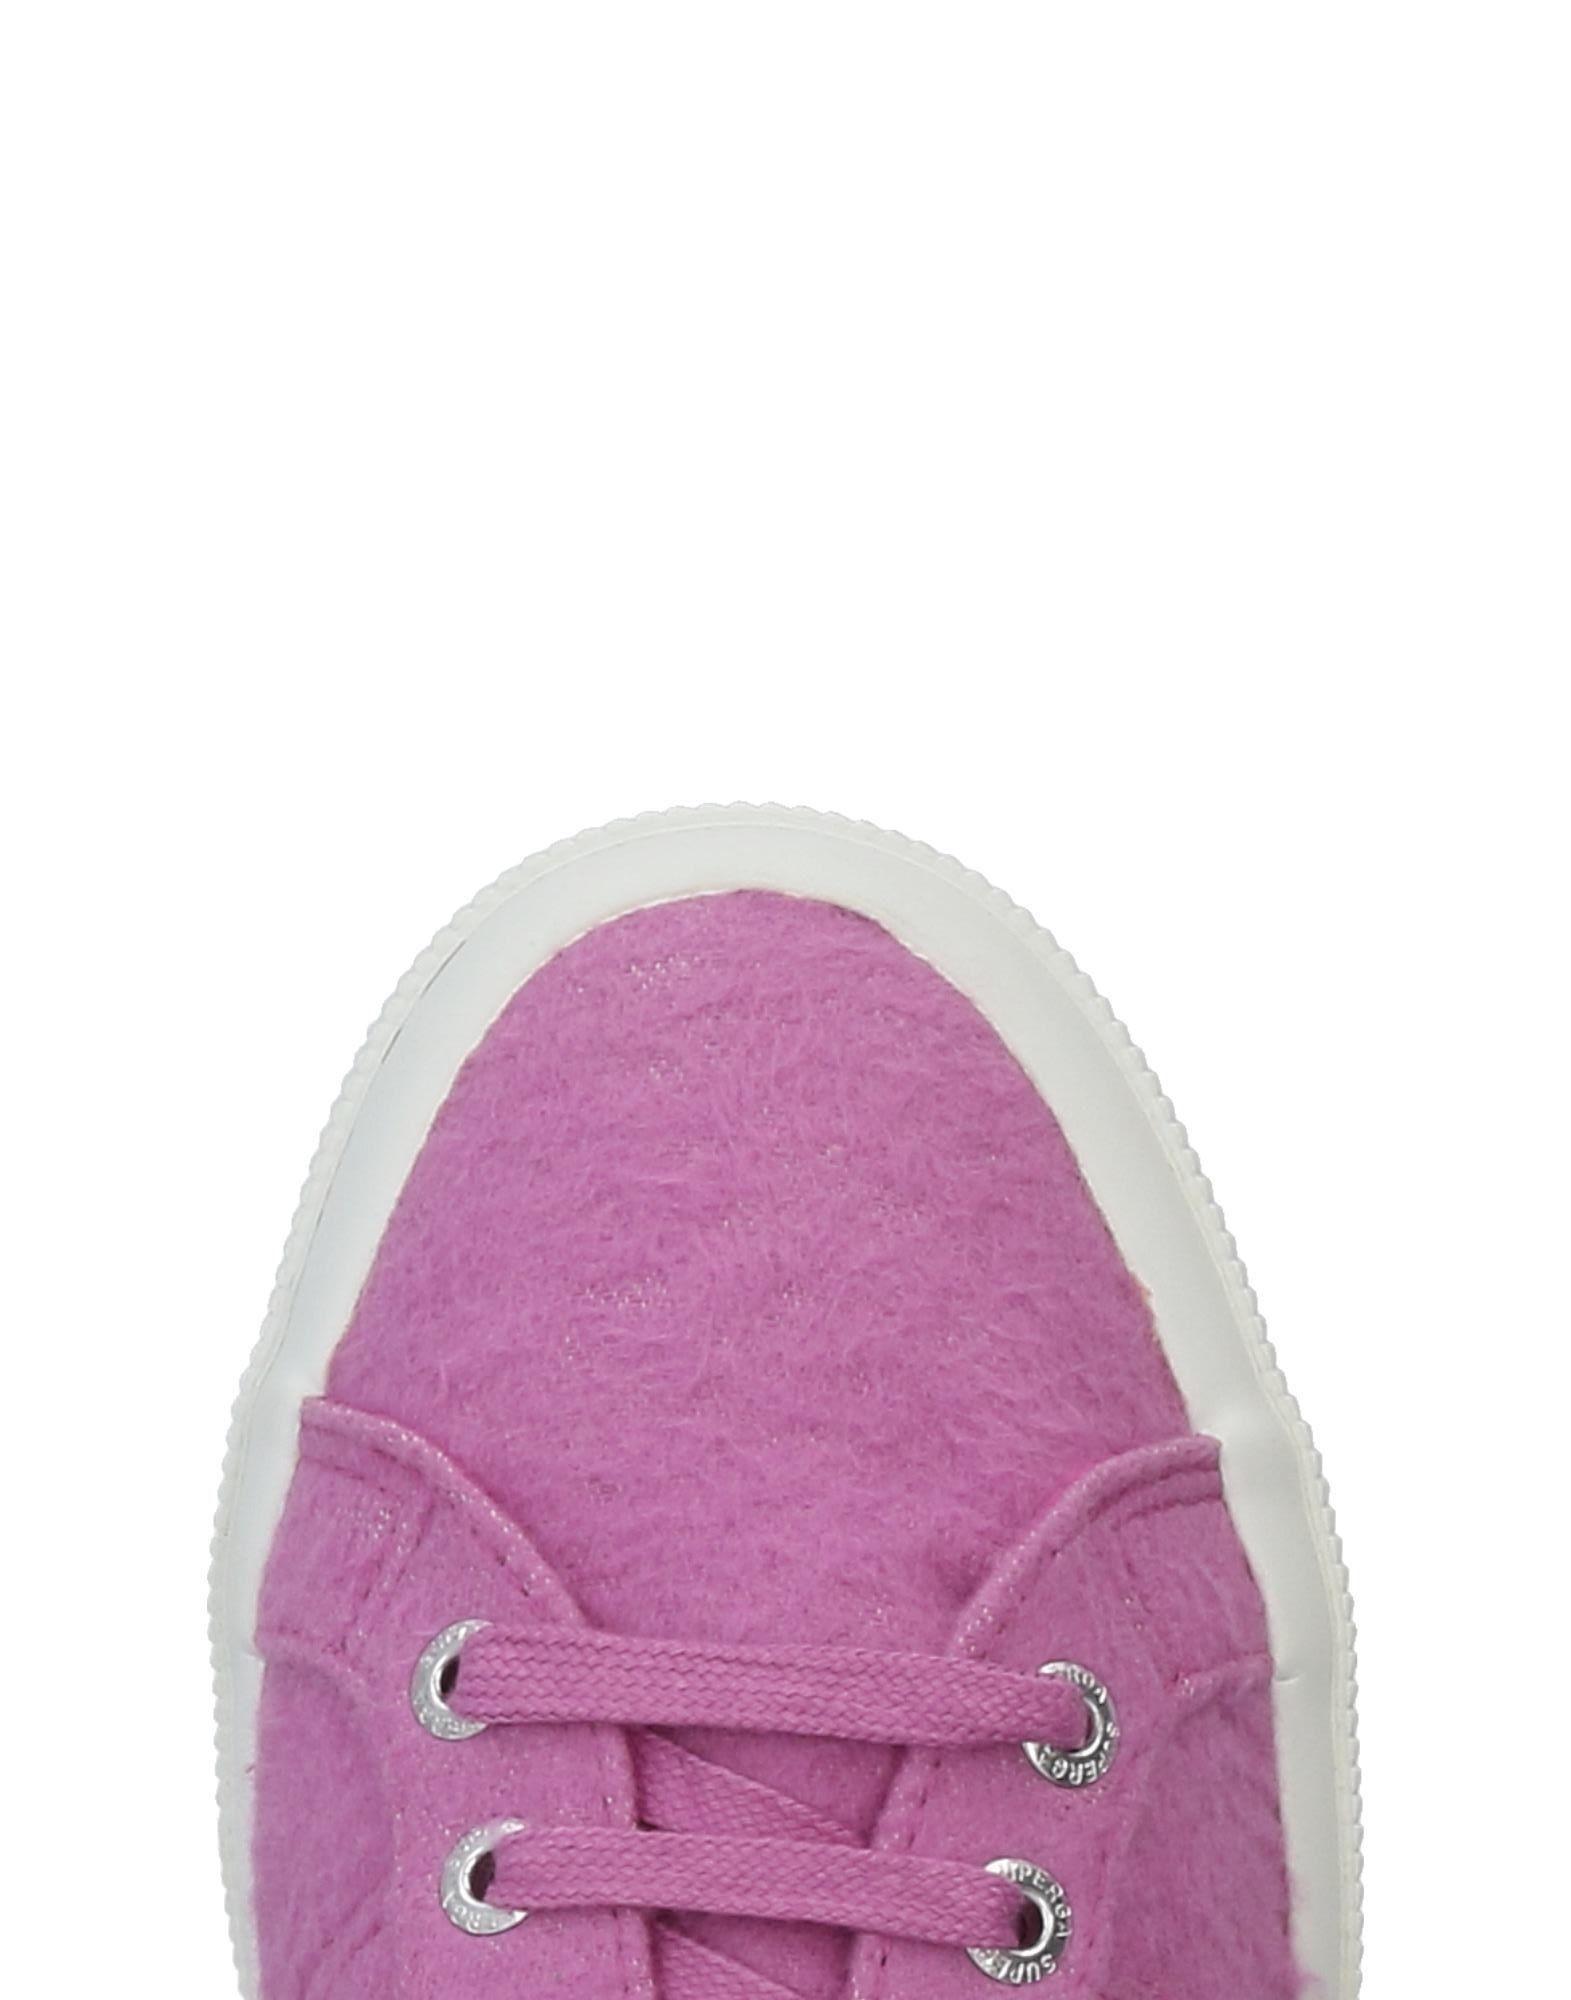 Superga® Sneakers Gute Damen  11438354AH Gute Sneakers Qualität beliebte Schuhe e004dd